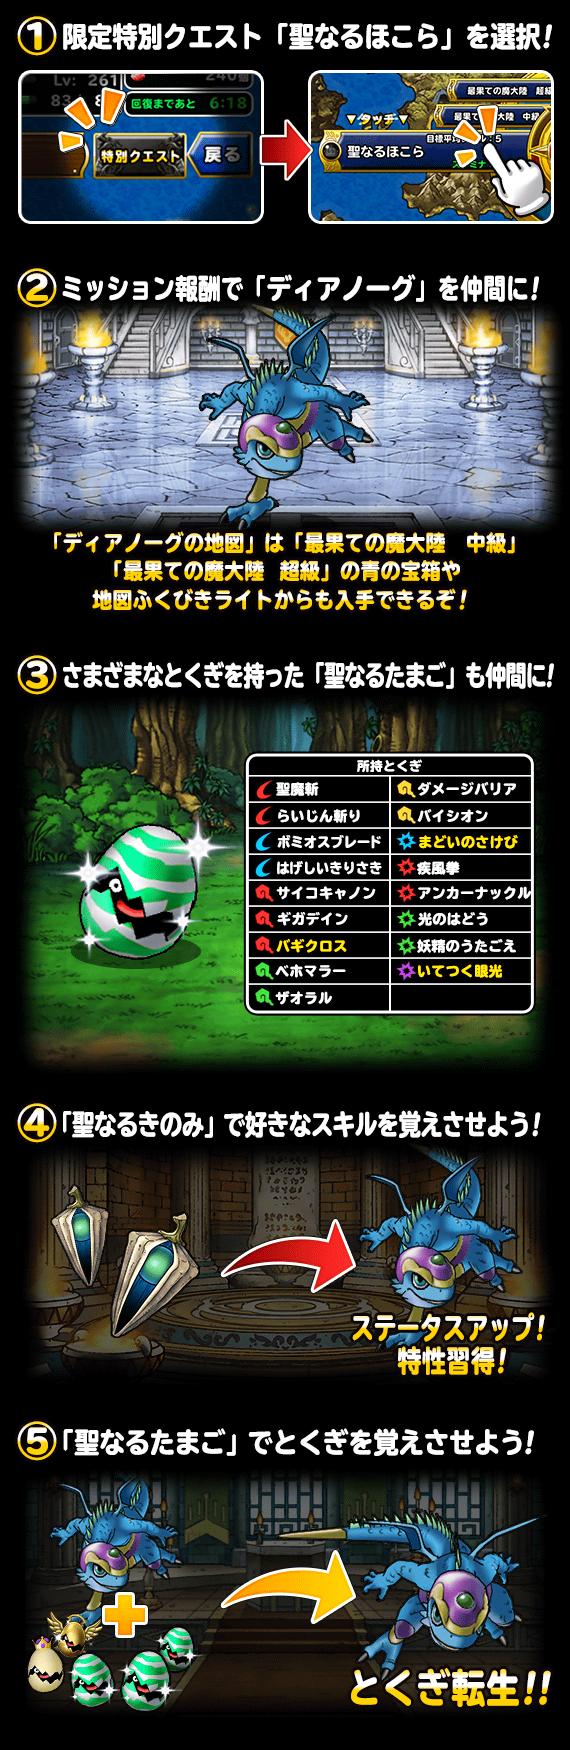 f:id:kawanokeita:20180105194138p:image